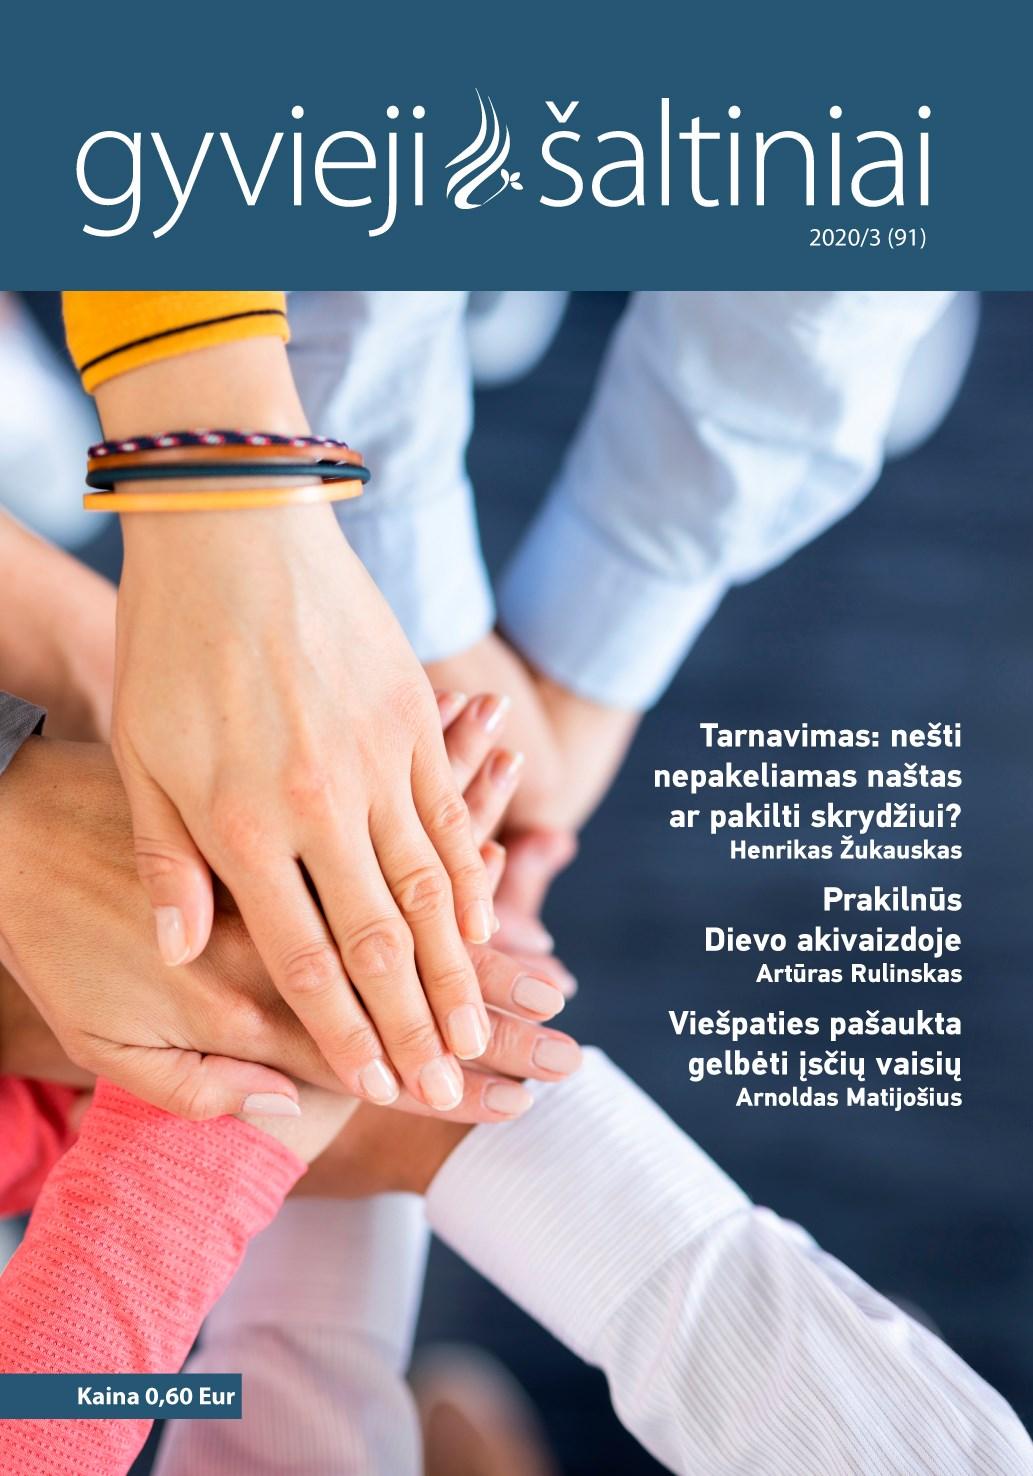 Gyvieji šaltiniai 2020/3 (91)